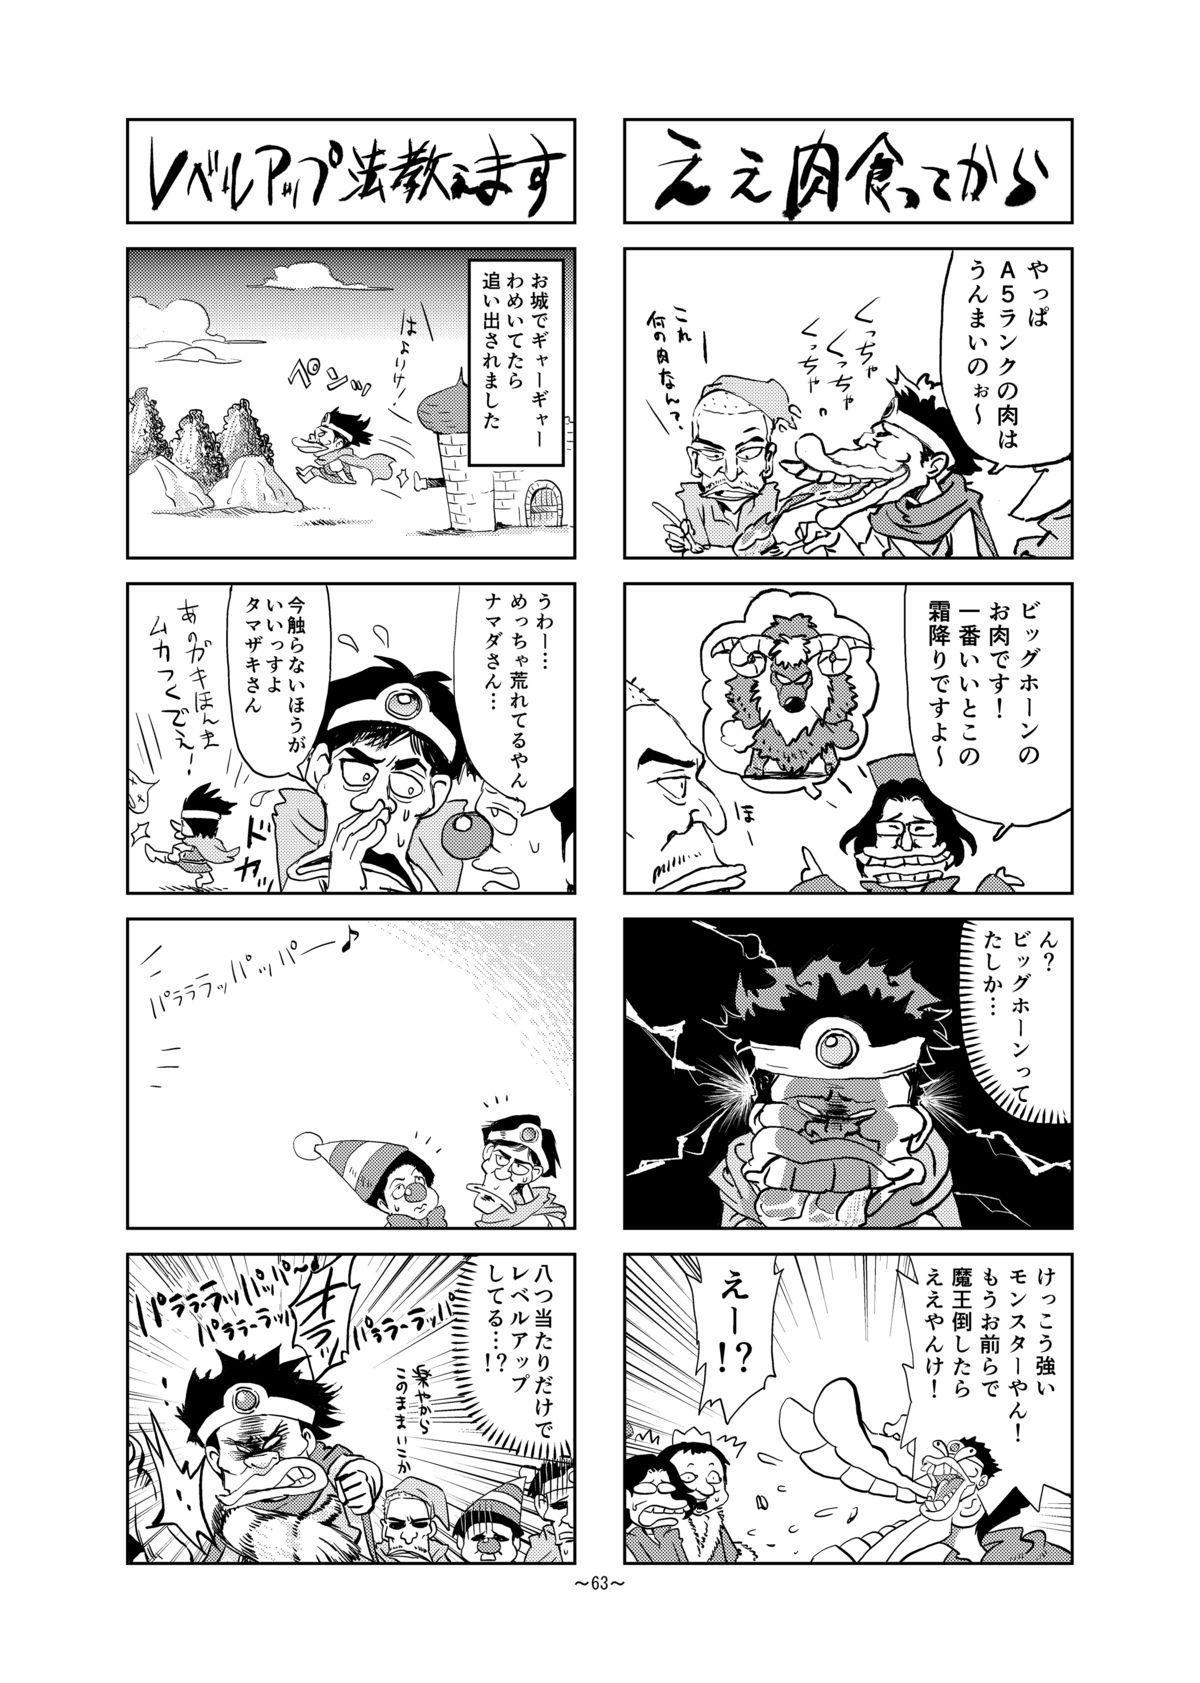 Zettai ni Zenmetsushite wa Ikenai DraQue 63